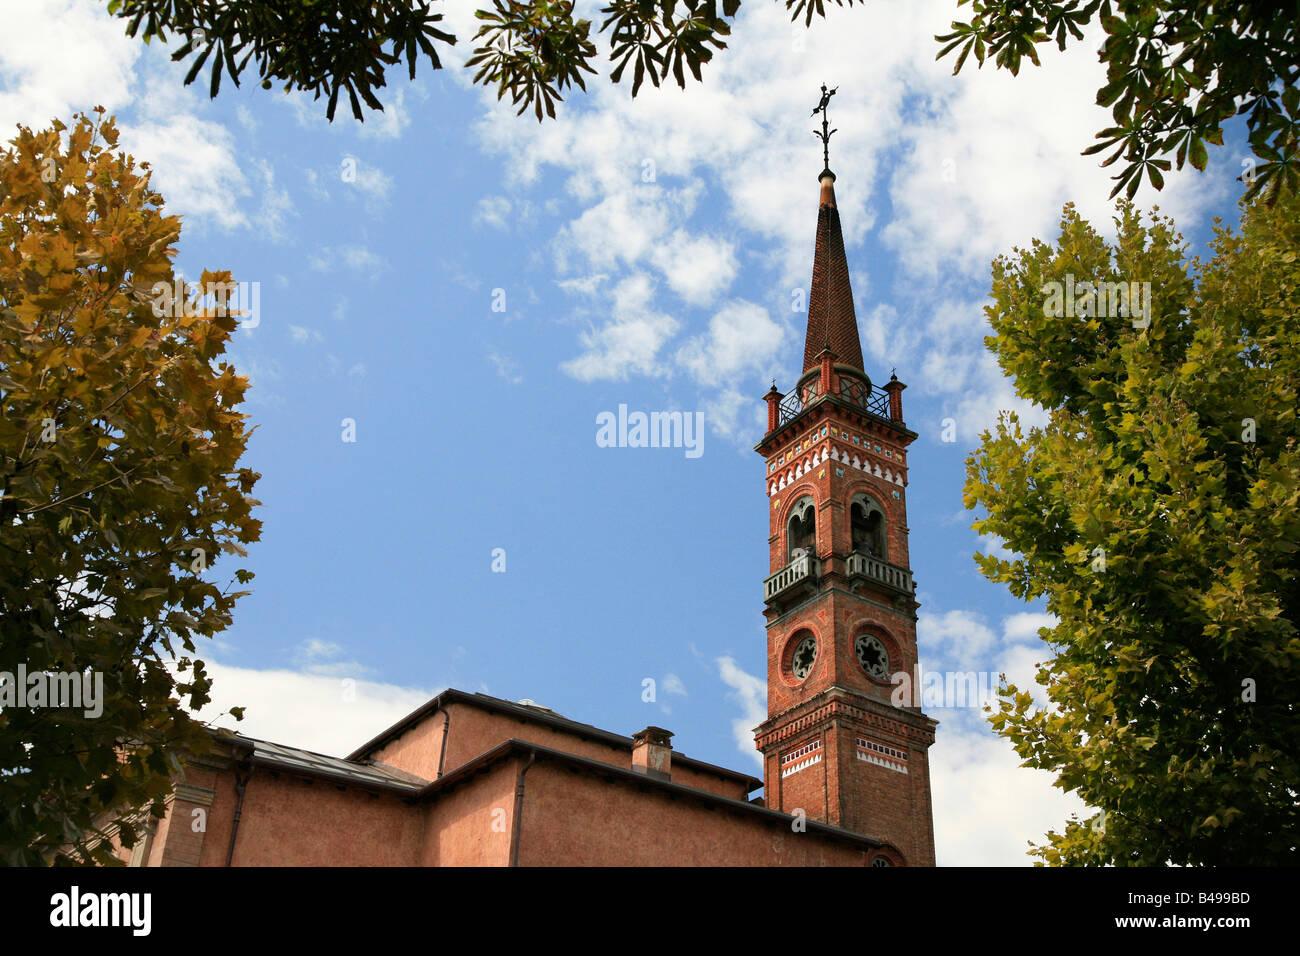 Hohen Kirchturm im mittelalterlichen Teil der Stadt in Cuneo, Piemont, Italien Stockbild